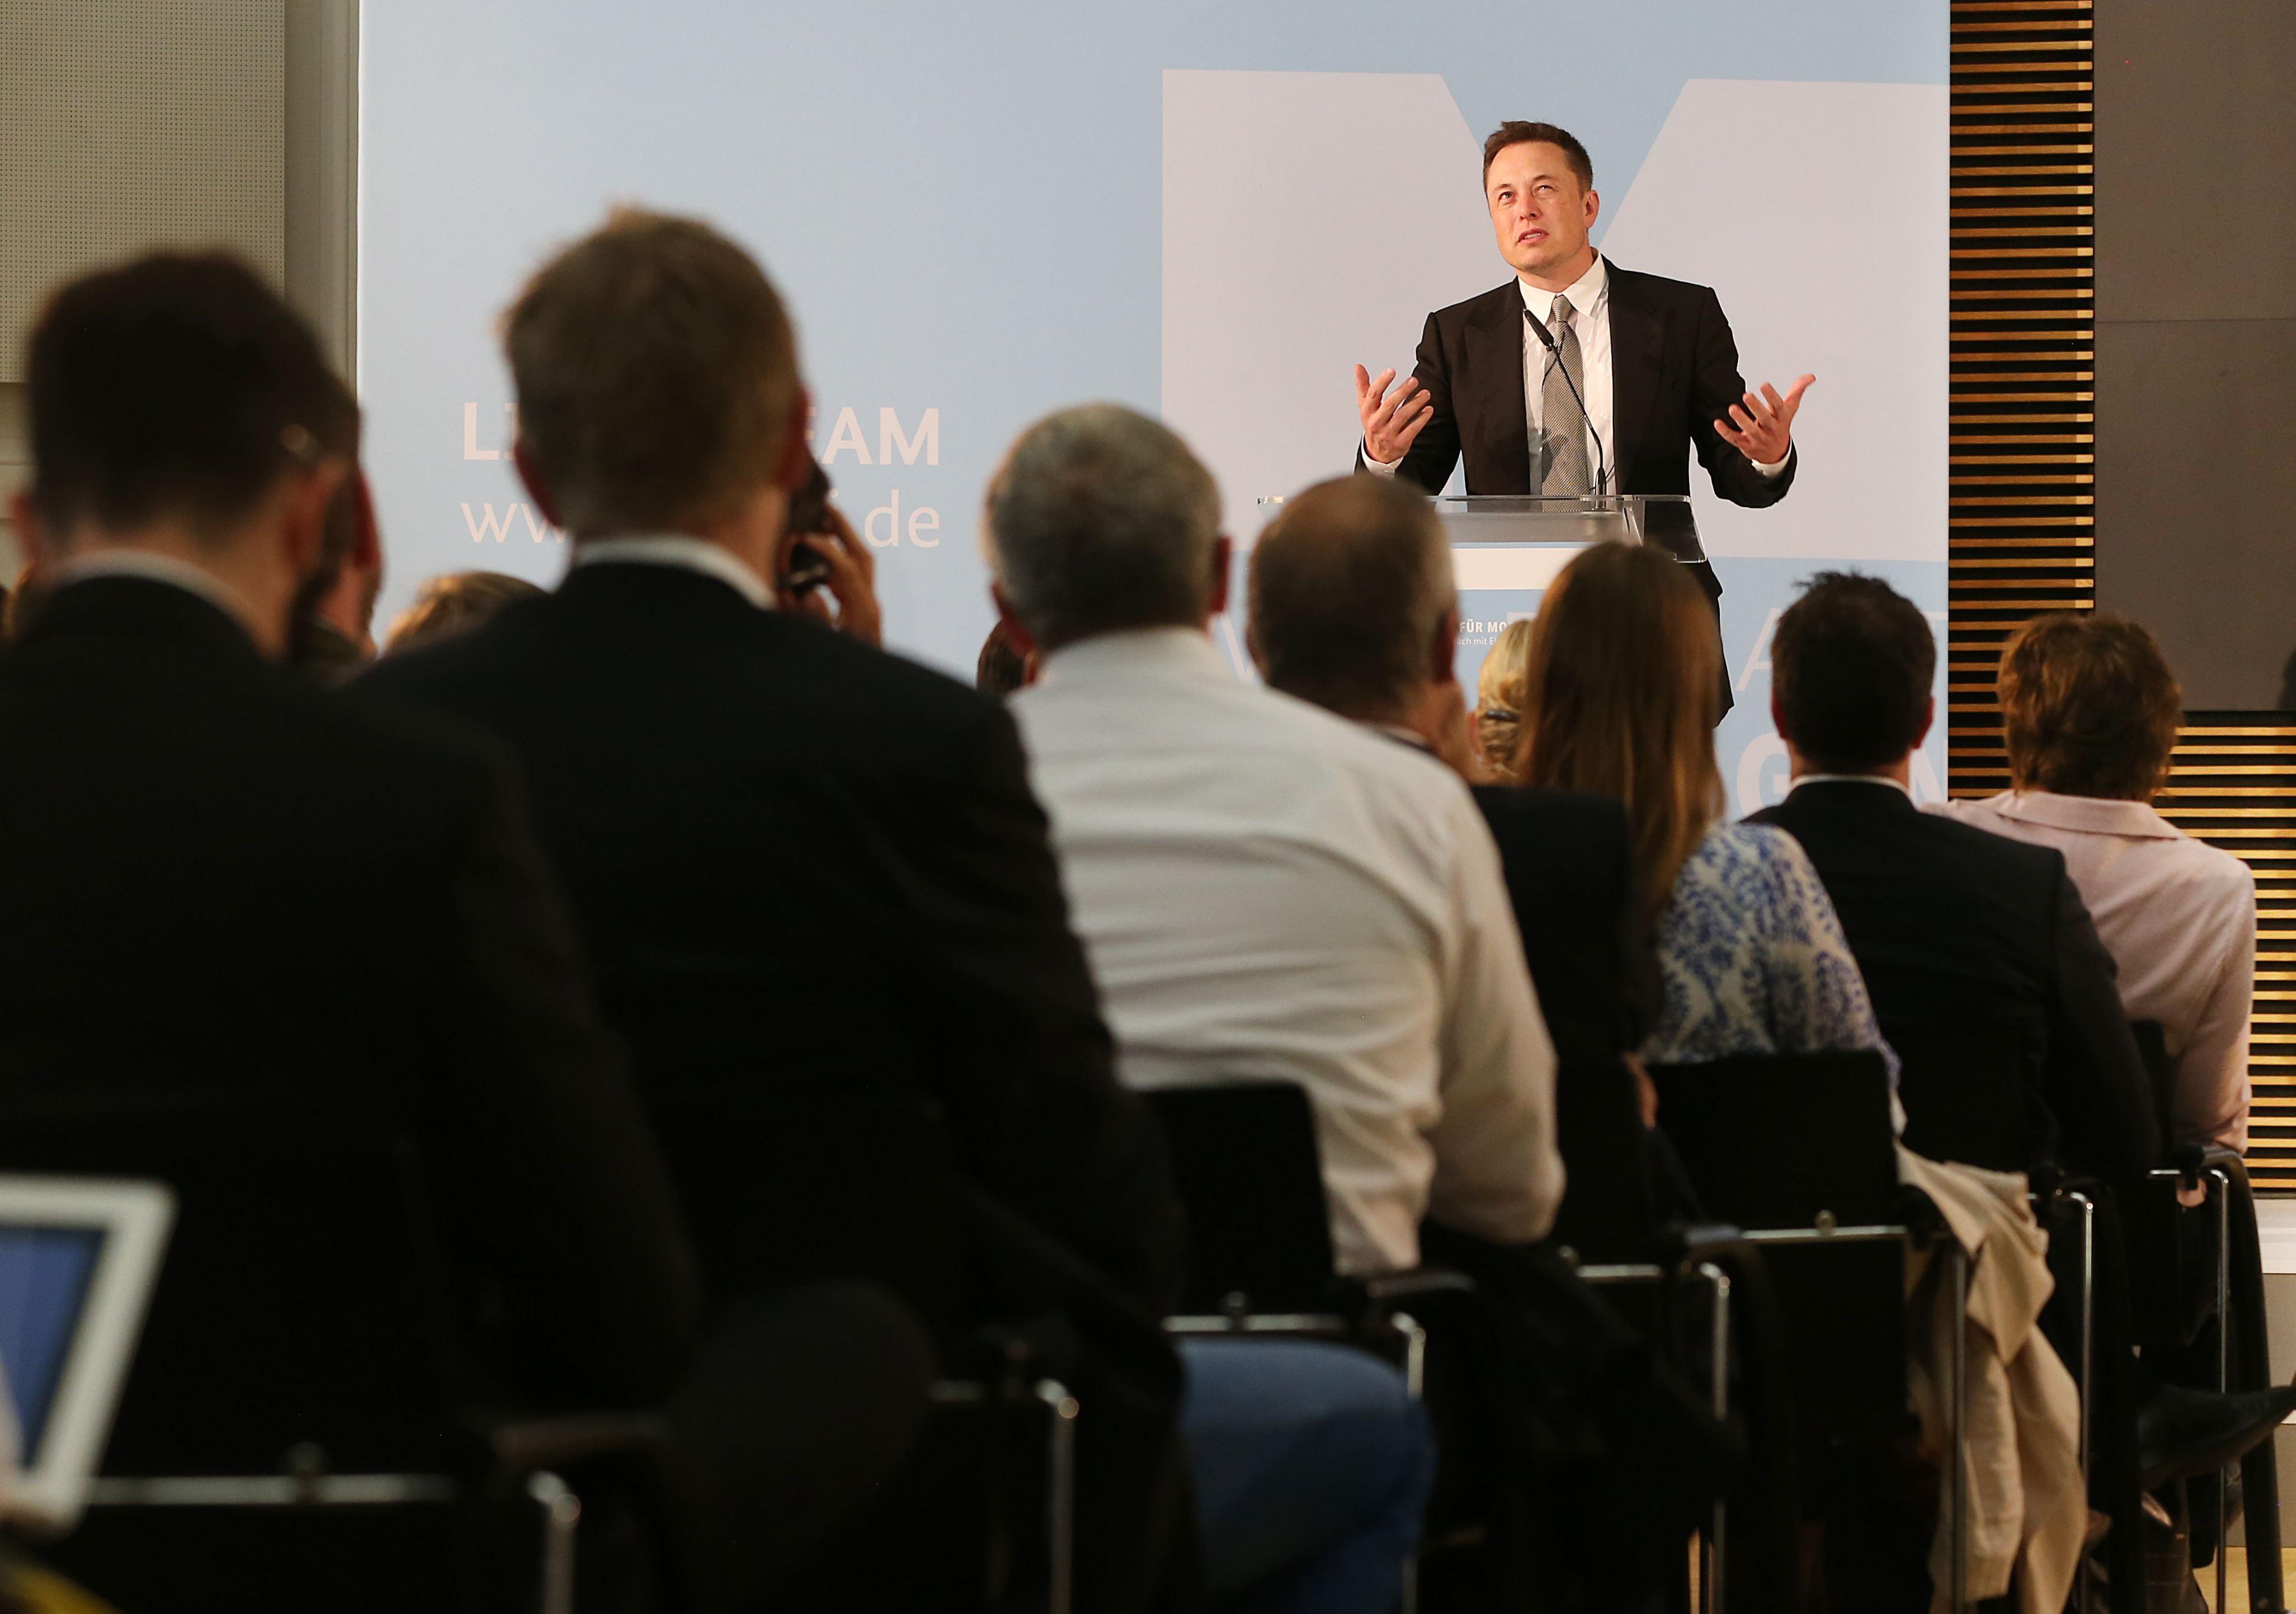 Entspannter Umweltaktivist: Bei seinen Statements in Berlin wandte Elan Musk häufig den Blick nach oben, lächelte und sprach sanft. Inhaltlich blieb er hart und forderte direkte Strafen für Klimaschäden.